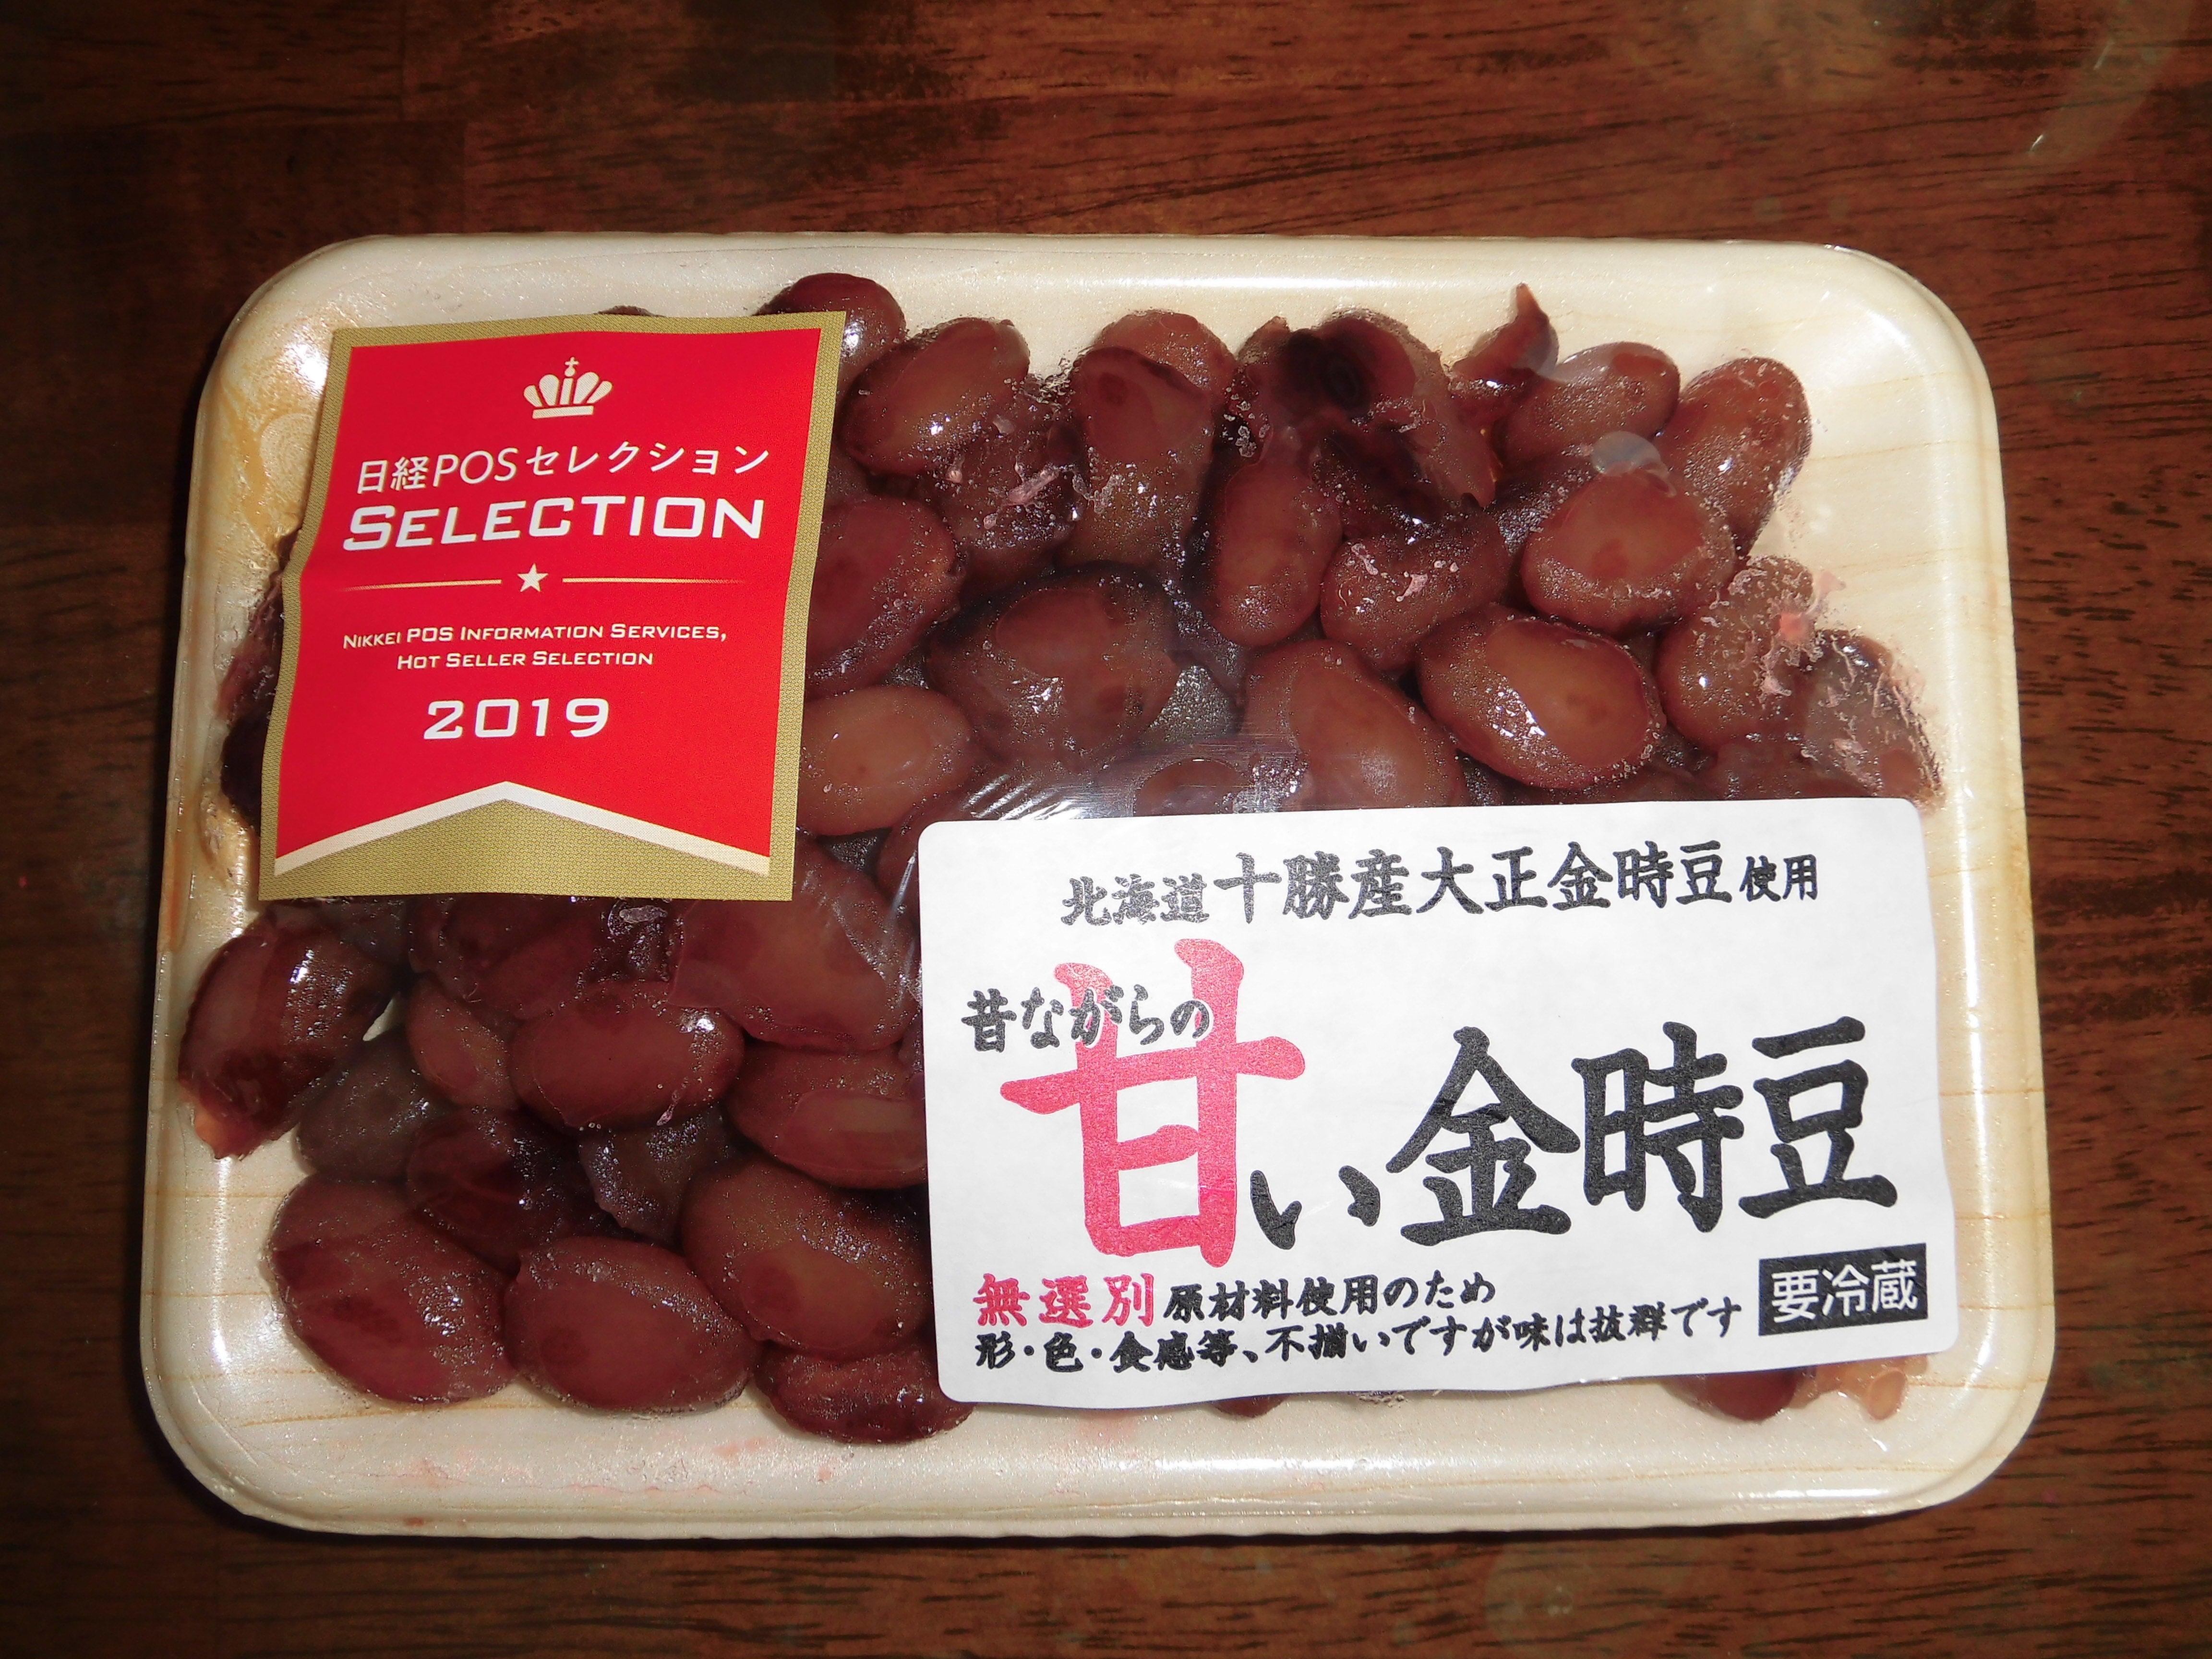 大丸松下食品 甘い金時豆。   密室画像倉庫。